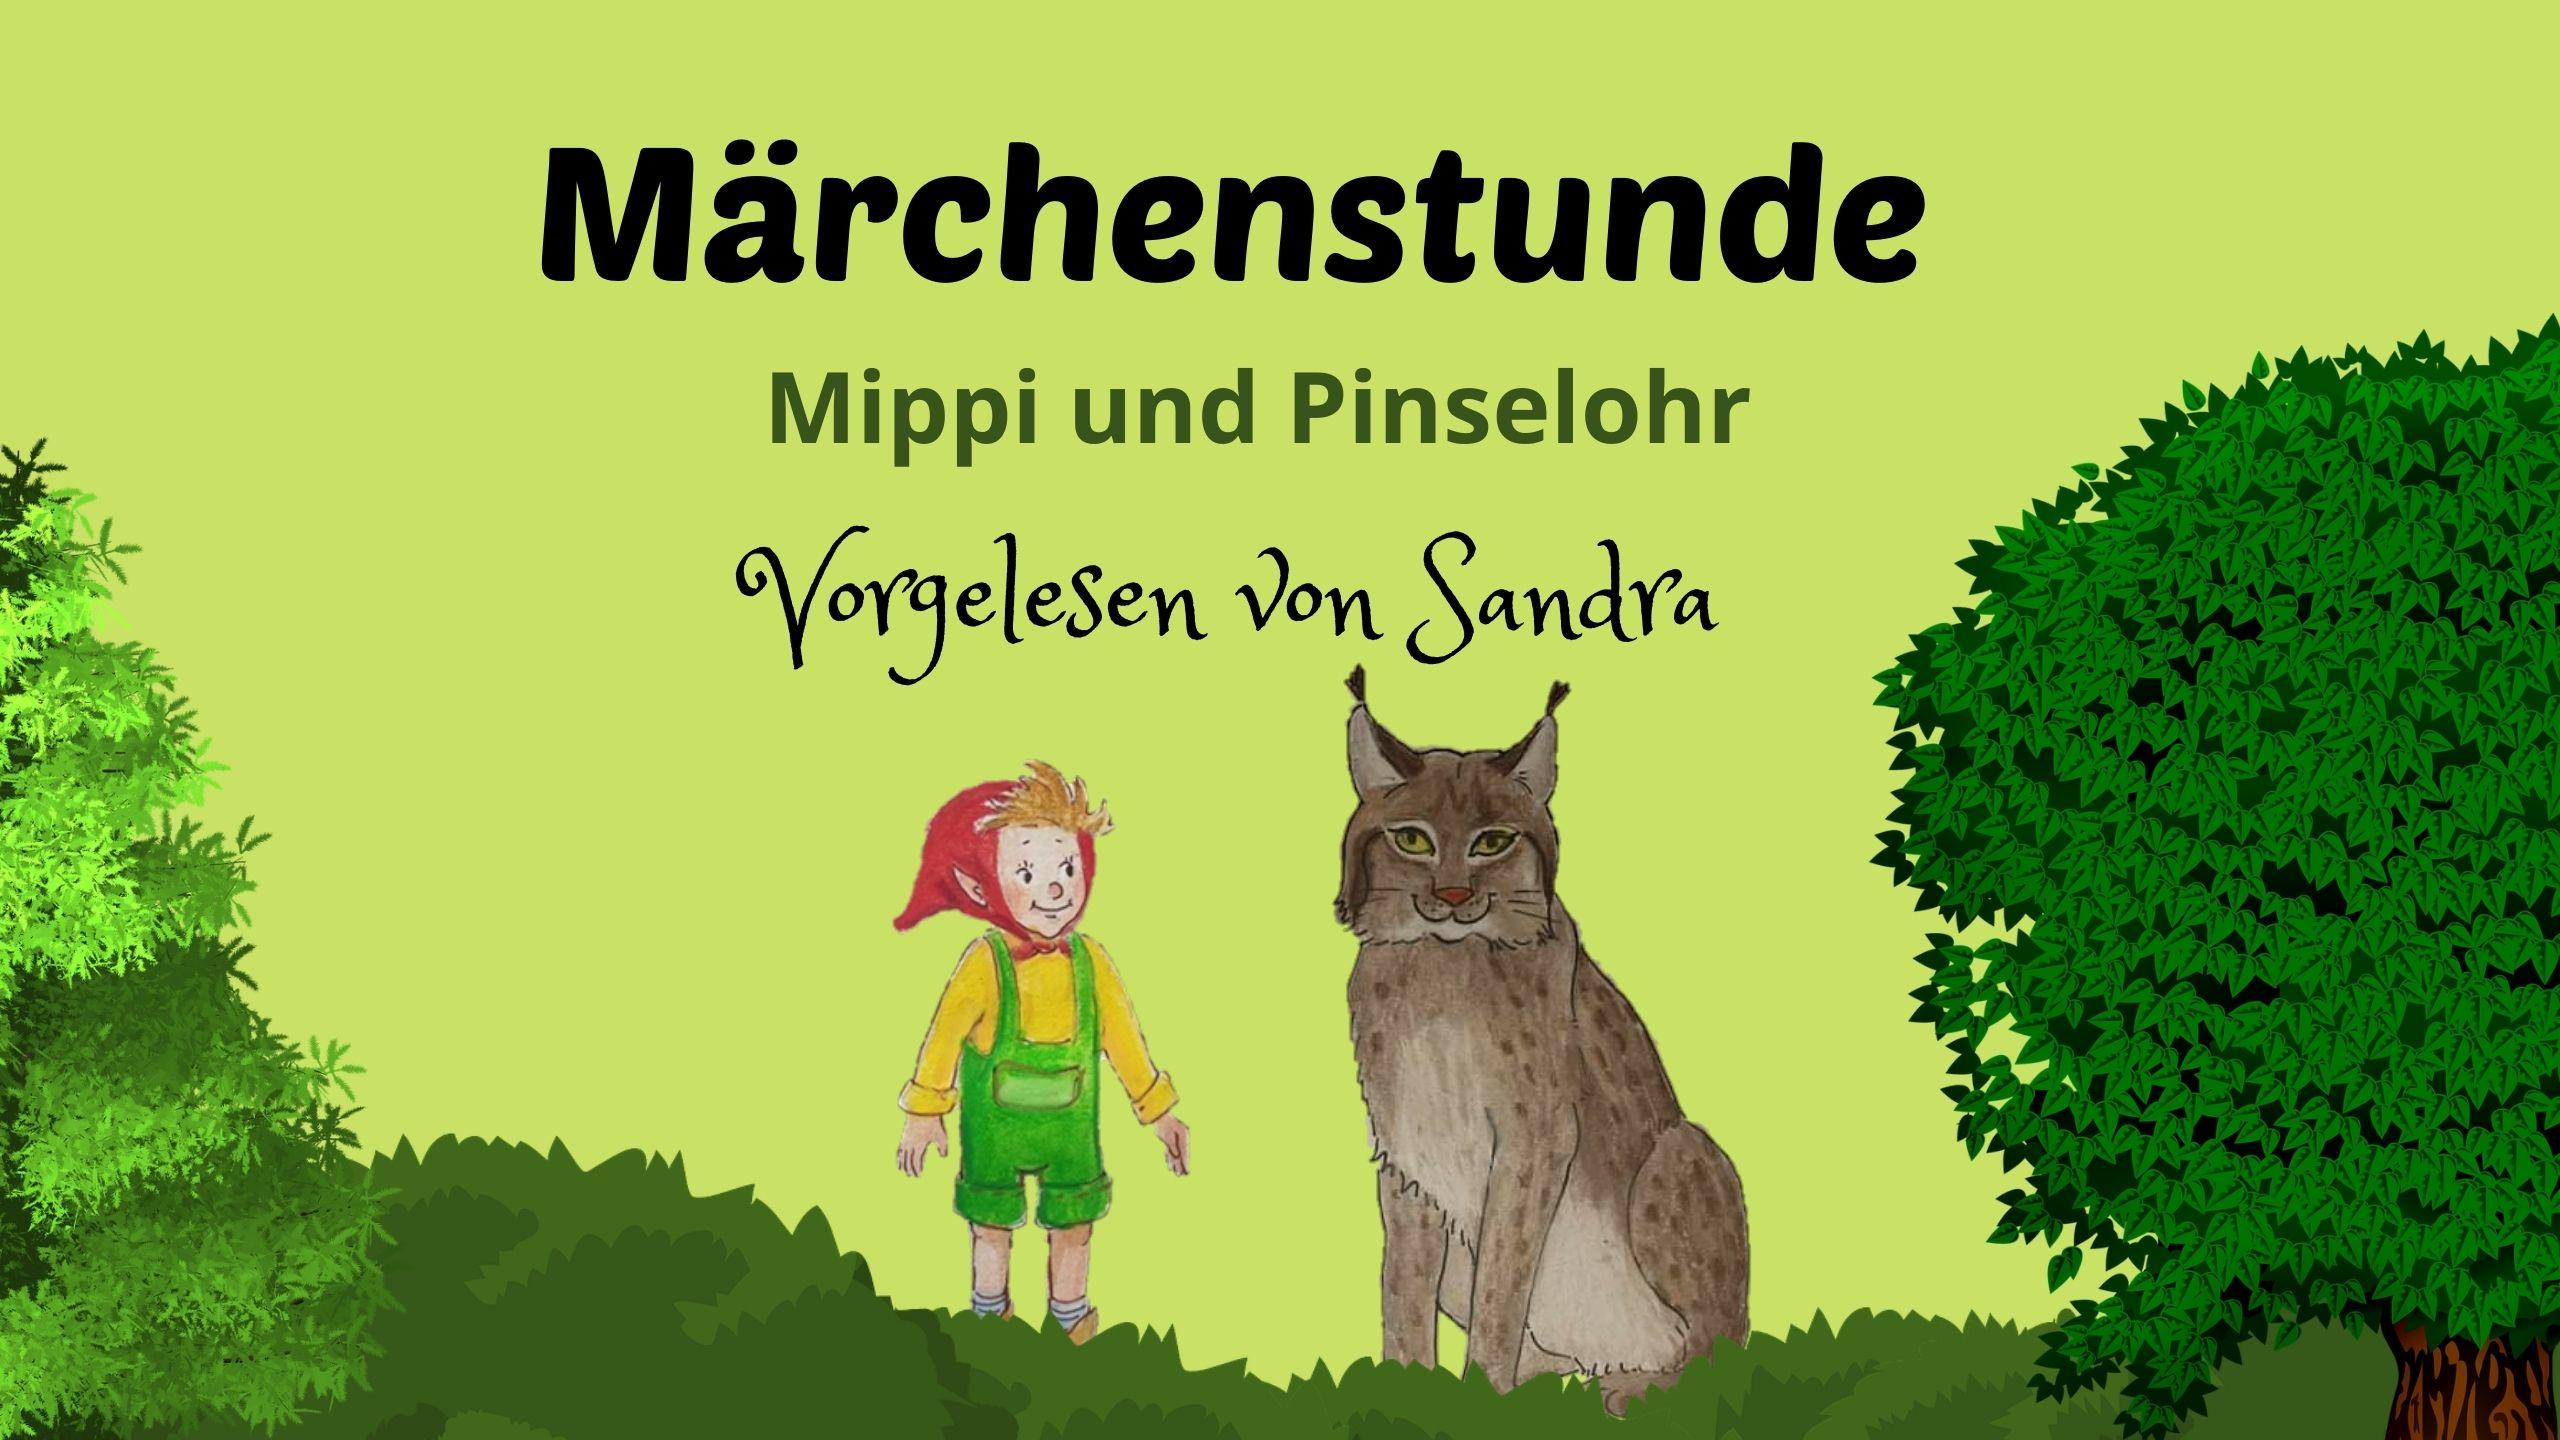 Märchenstunde mit Sanda – Mippi und Pinsleohr  Audio